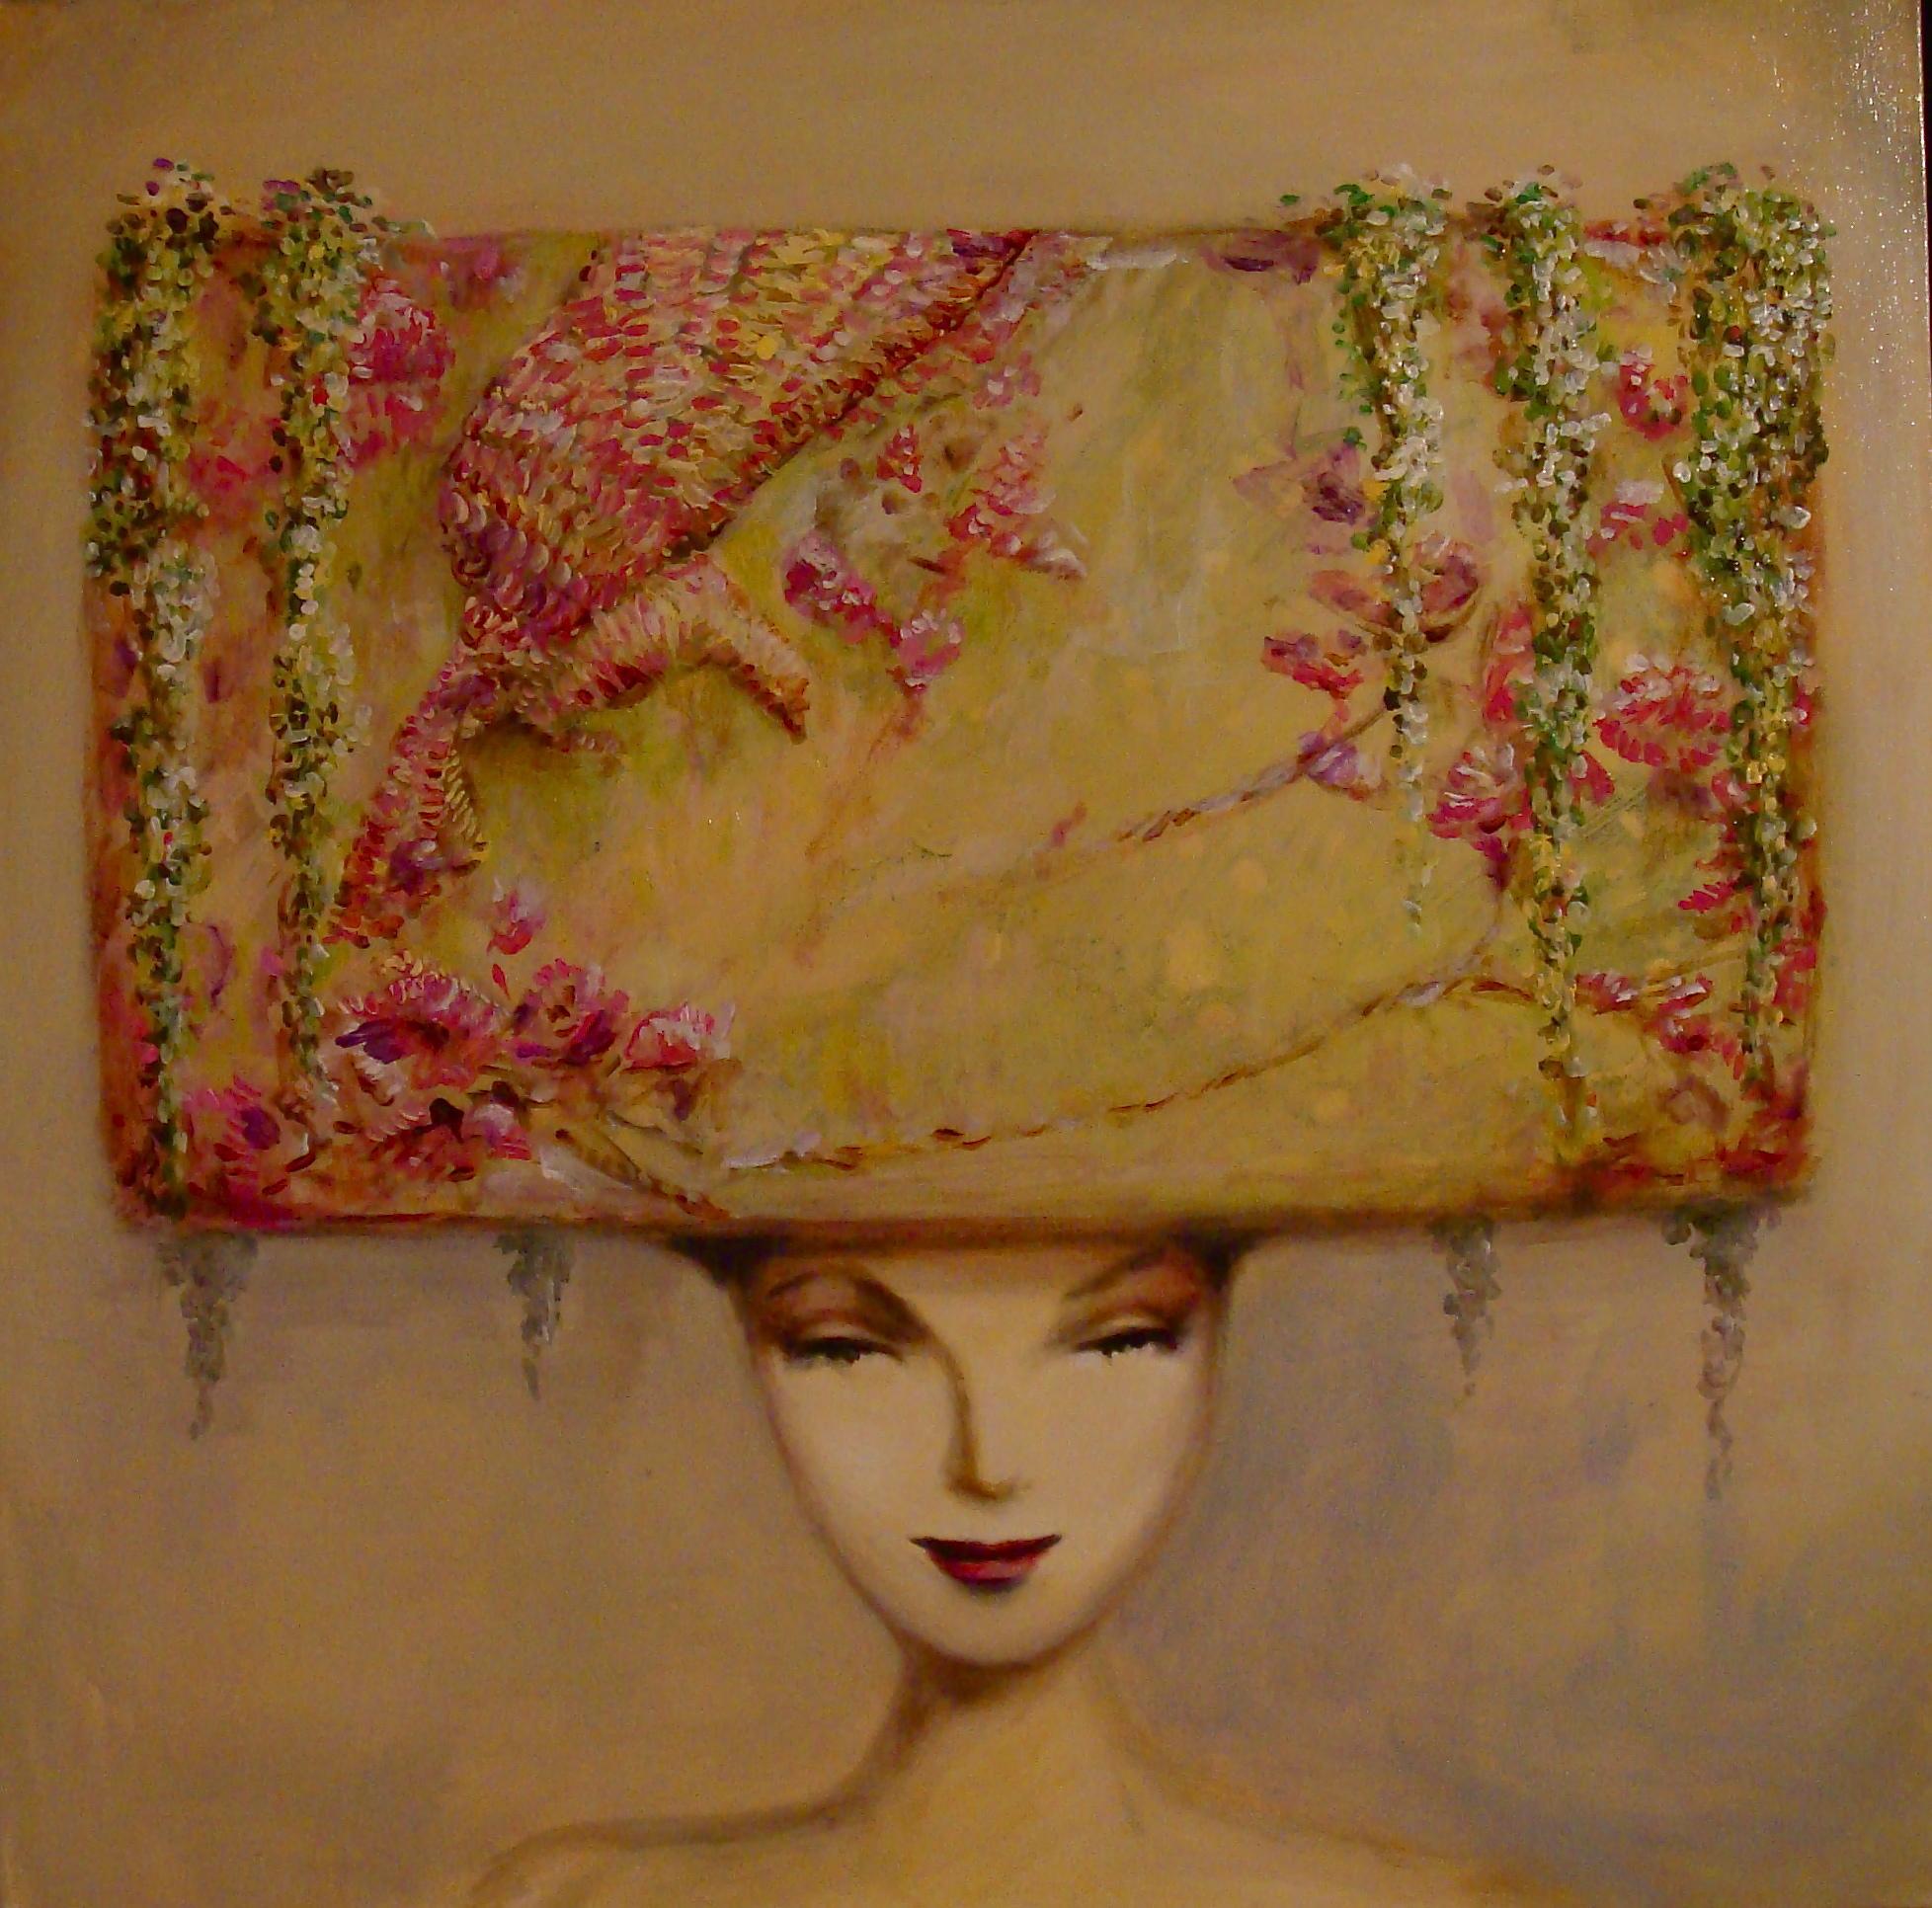 MCQUEEN HAT